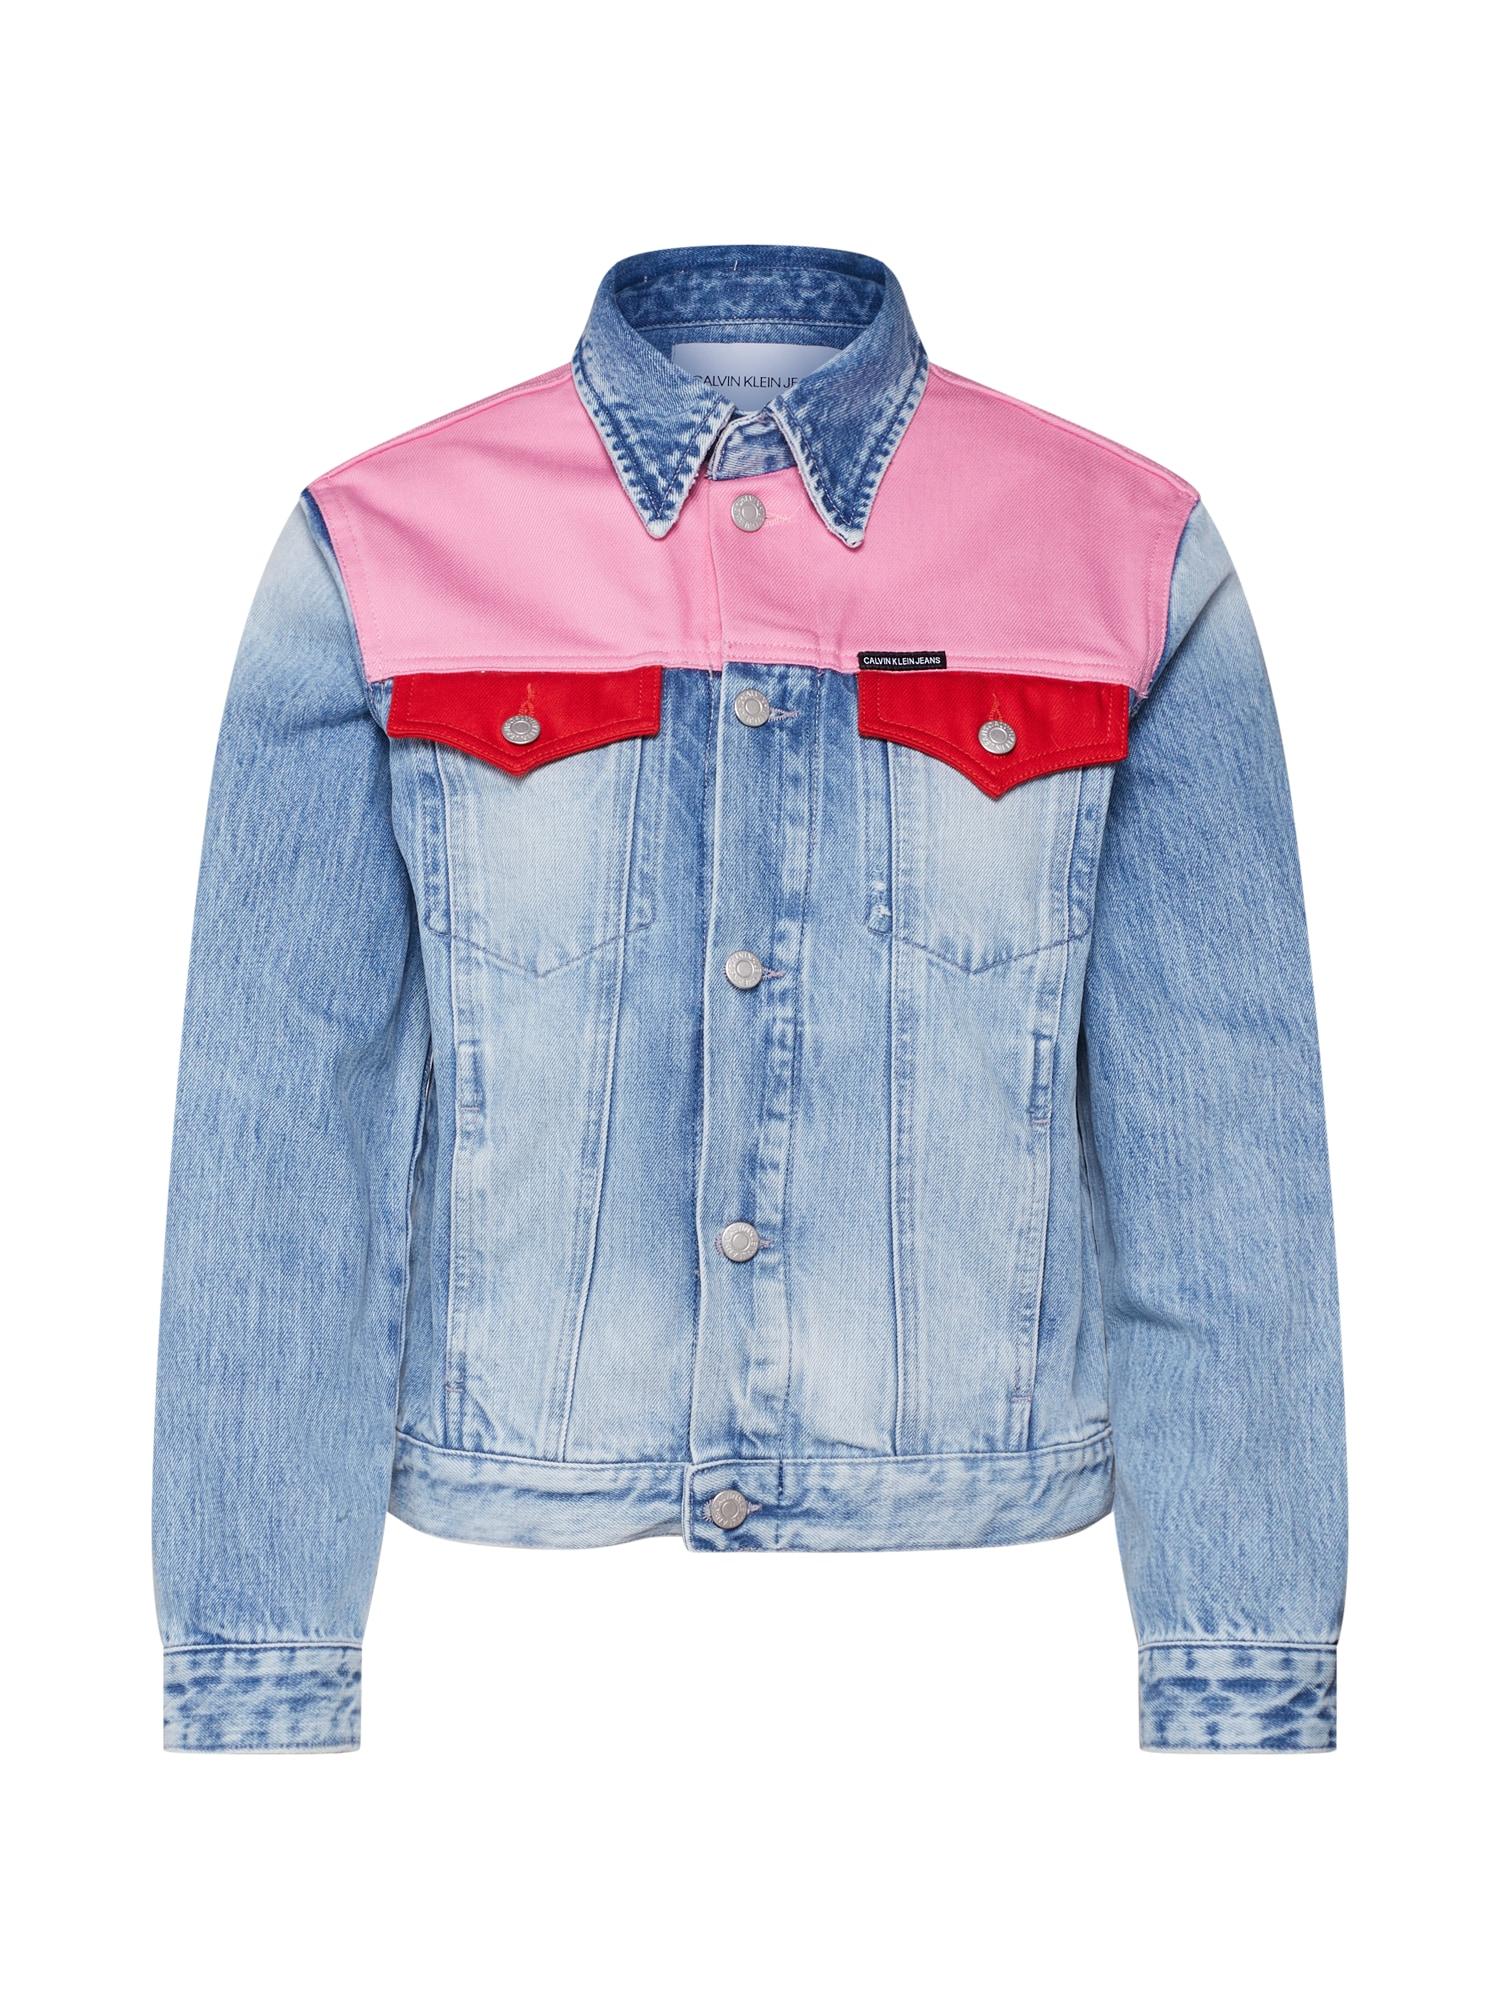 Přechodná bunda FOUNDATION TRUCKER modrá džínovina tmavě růžová tmavě červená Calvin Klein Jeans